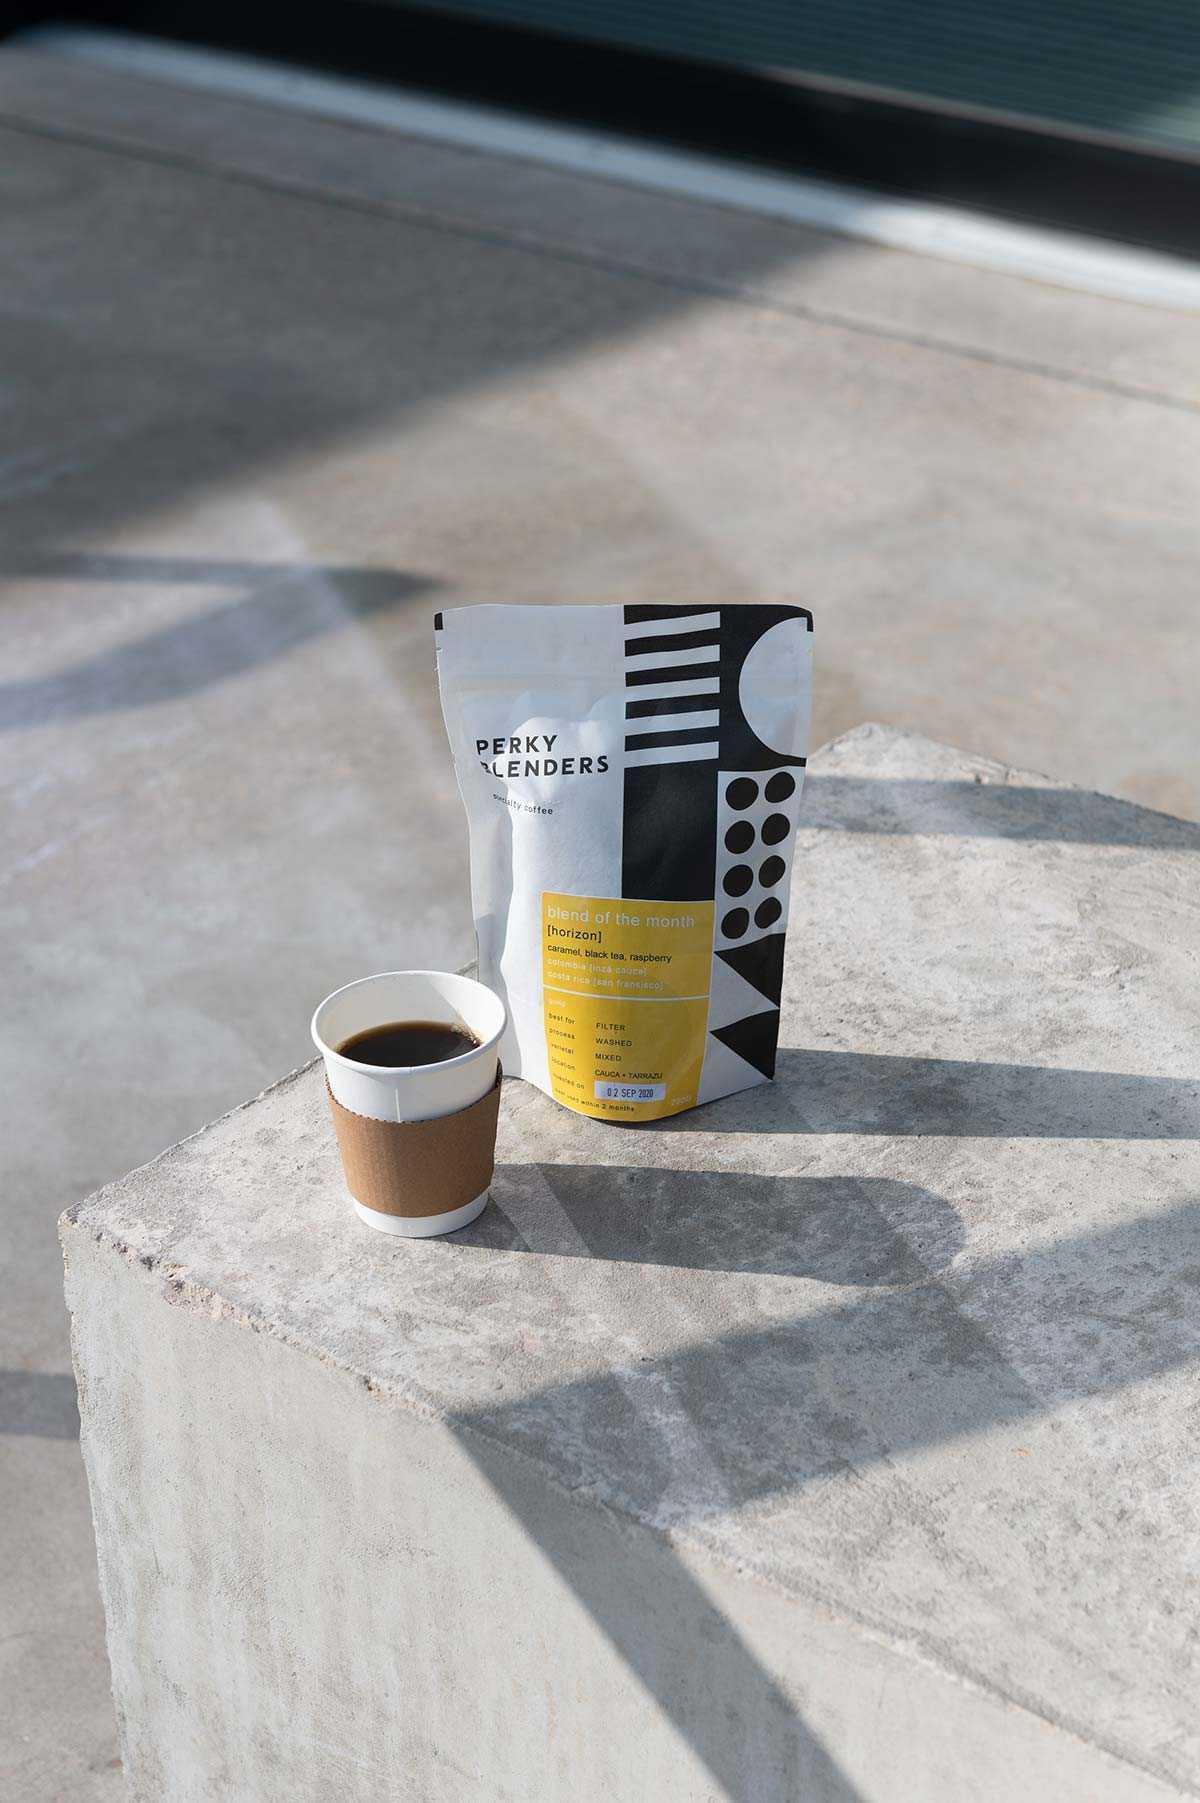 Perky blenders black coffee